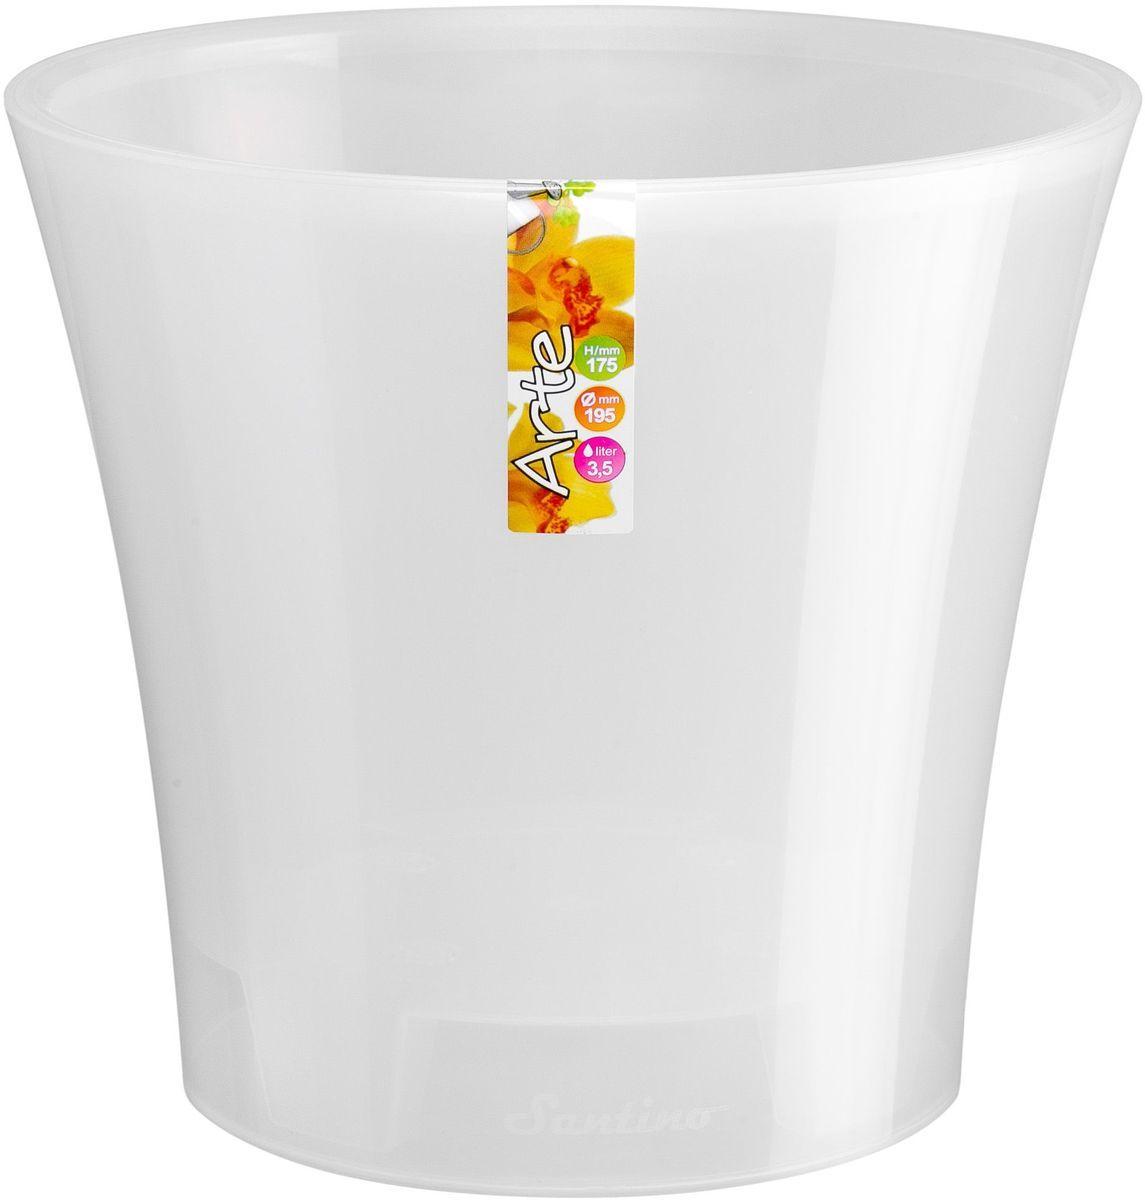 Горшок цветочный Santino Арте, двойной, с системой автополива, цвет: прозрачный, 5 л531-322Горшок цветочный Santino Арте снабжен дренажной системой и состоит из кашпо и вазона-вкладыша. Изготовлен из пластика. Особенность: тарелочка или блюдце не нужны. Горшок предназначен для любых растений или цветов. Цветочный дренаж – это система, которая позволяет выводить лишнюю влагу через корневую систему цветка и слой почвы. Растение – это живой организм, следовательно, ему необходимо дышать. В доступе к кислороду нуждаются все части растения: -листья; -корневая система. Если цветовод по какой-либо причине зальет цветок водой, то она буквально вытеснит из почвенного слоя все пузырьки кислорода. Анаэробная среда способствует развитию различного рода бактерий. Безвоздушная среда приводит к загниванию корневой системы, цветок в результате увядает. Суть работы дренажной системы заключается в том, чтобы осуществлять отвод лишней влаги от растения и давать возможность корневой системе дышать без проблем. Следовательно, каждому цветку необходимо: -иметь в основании цветочного горшочка хотя бы одно небольшое дренажное отверстие. Оно необходимо для того, чтобы через него выходила лишняя вода, плюс ко всему это отверстие дает возможность циркулировать воздух. -на самом дне горшка необходимо выложить слоем в 2-5 см (зависит от вида растения) дренаж.УВАЖАЕМЫЕ КЛИЕНТЫ!Обращаем ваше внимание на тот факт, что фото изделия служит для визуального восприятия товара. Литраж и размеры, представленные на этикетке товара, могут по факту отличаться от реальных. Корректные данные в поле Размеры.